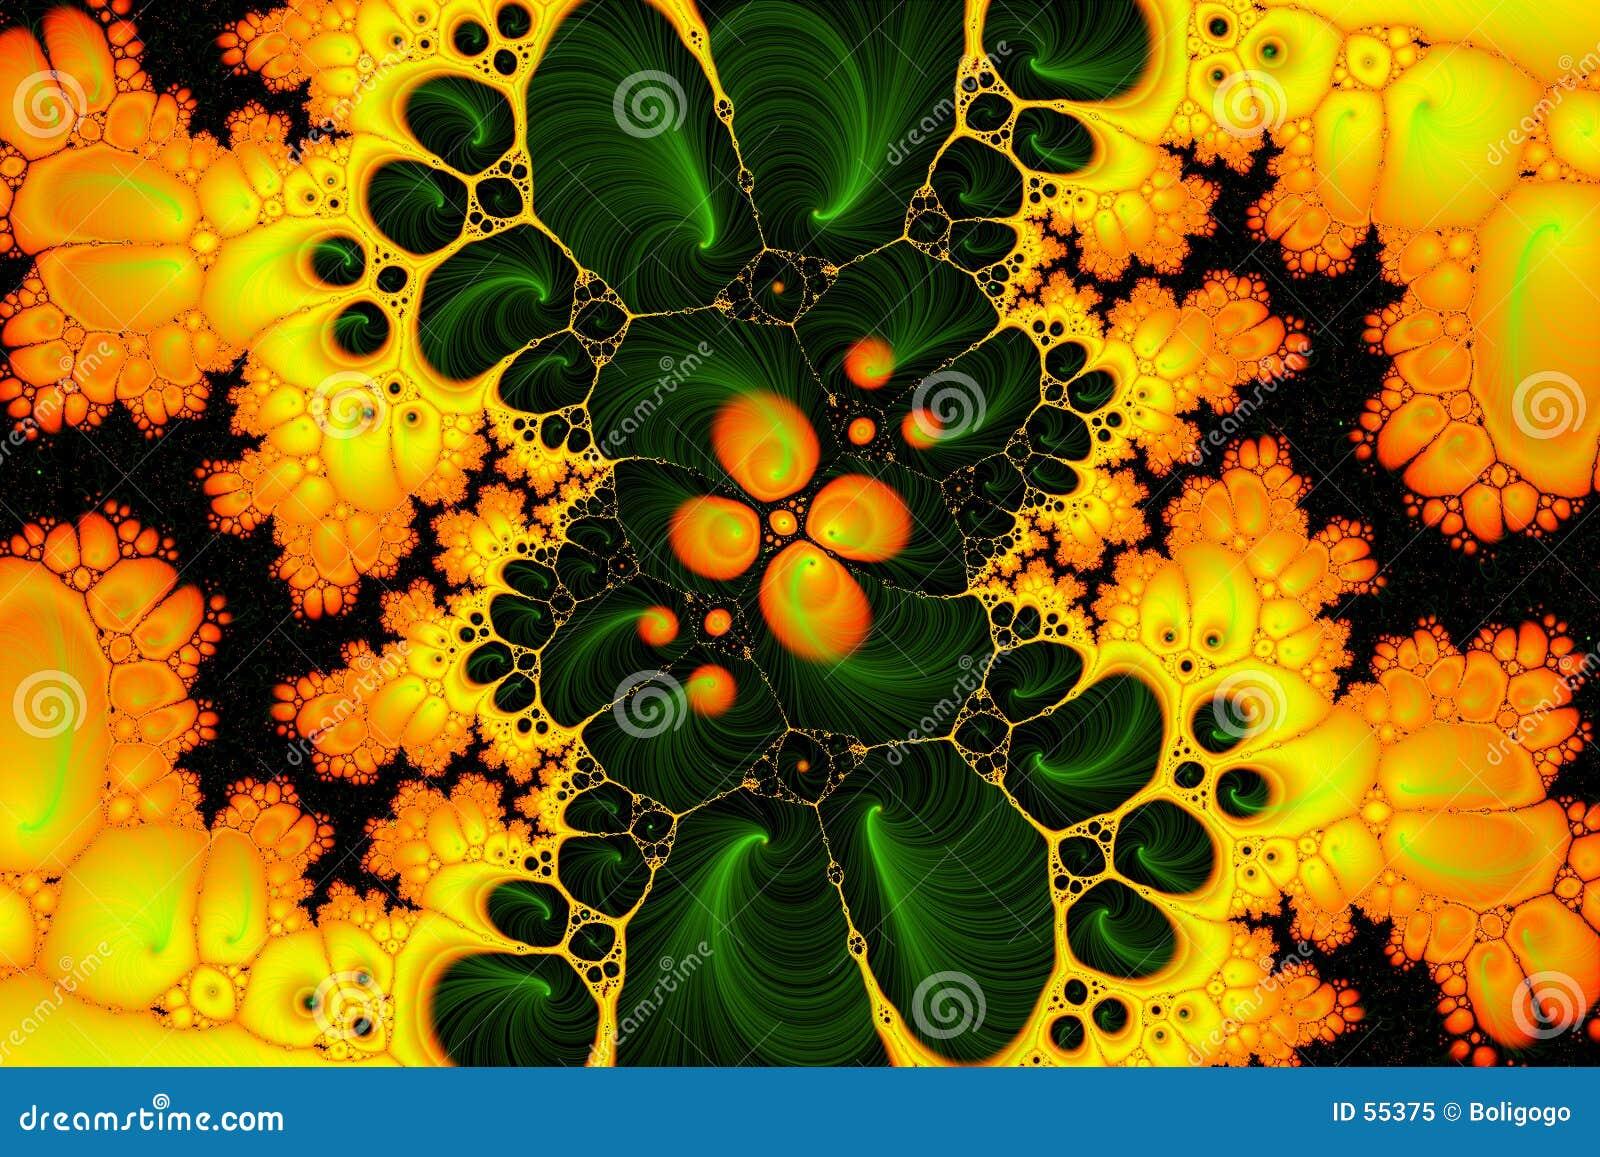 Amarelo do teste ácido